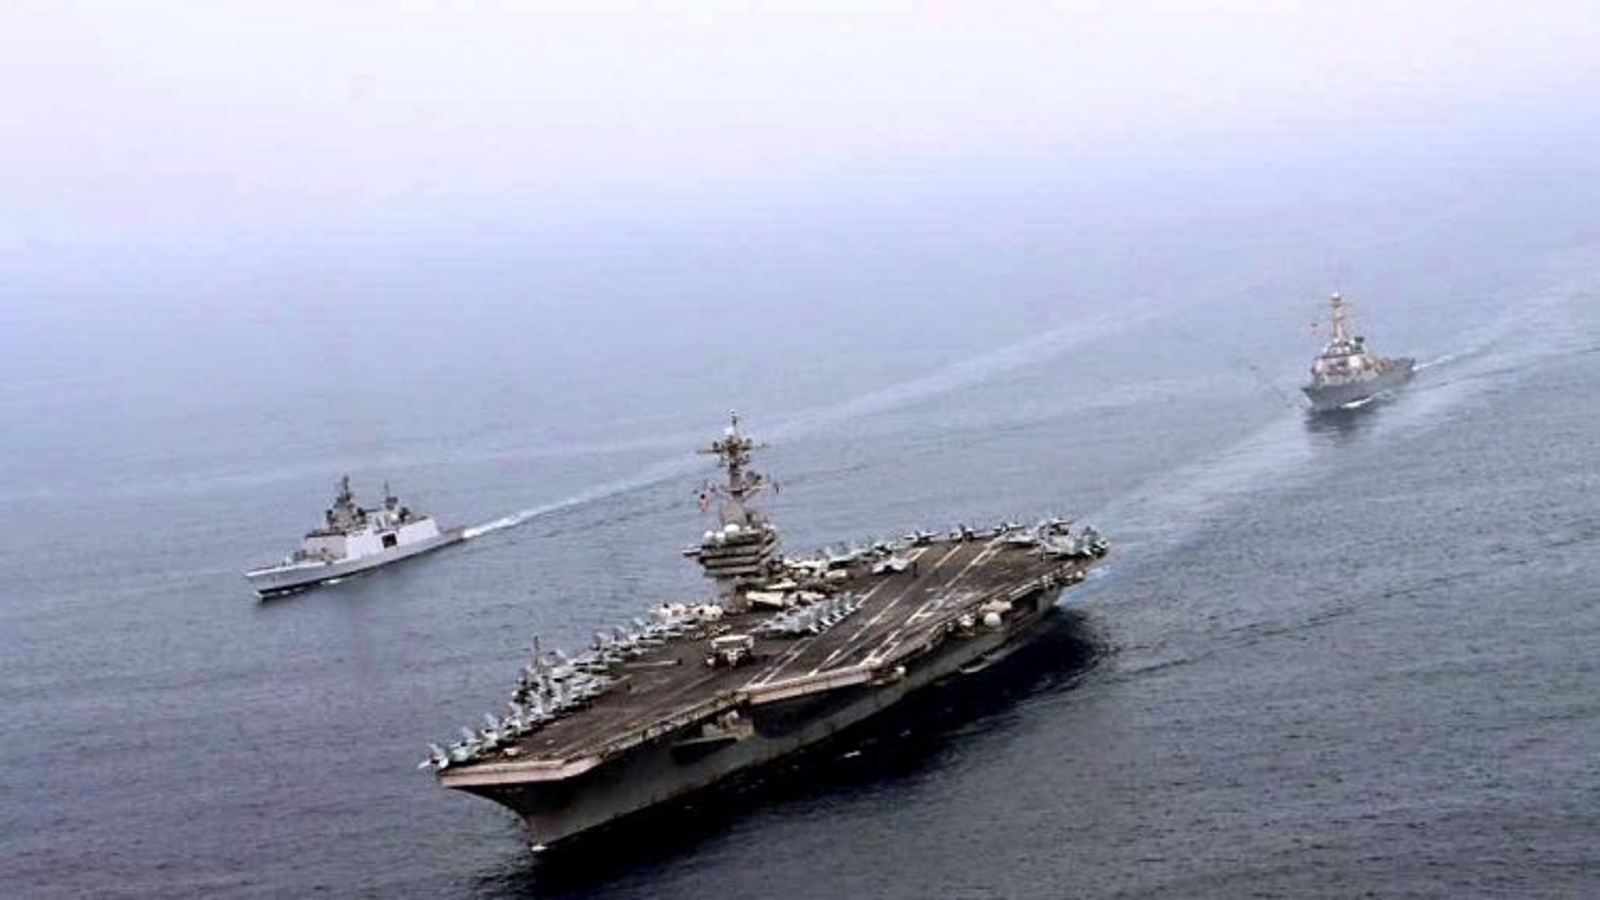 Ấn Độ và Mỹ diễn tập hải quân tại Ấn Độ Dương